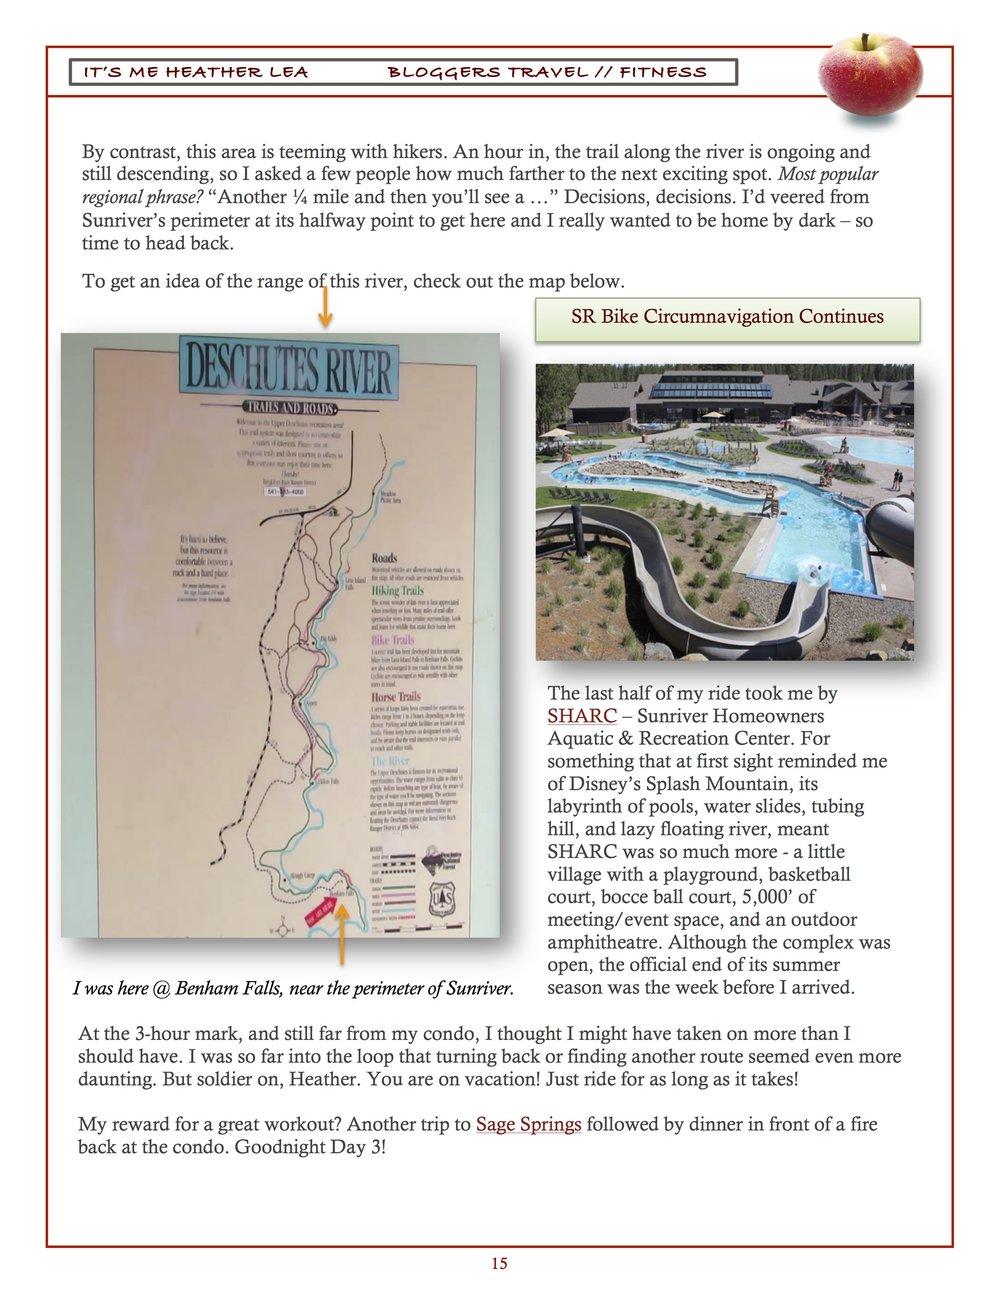 CO Trip Newsletter Revised 15.jpg